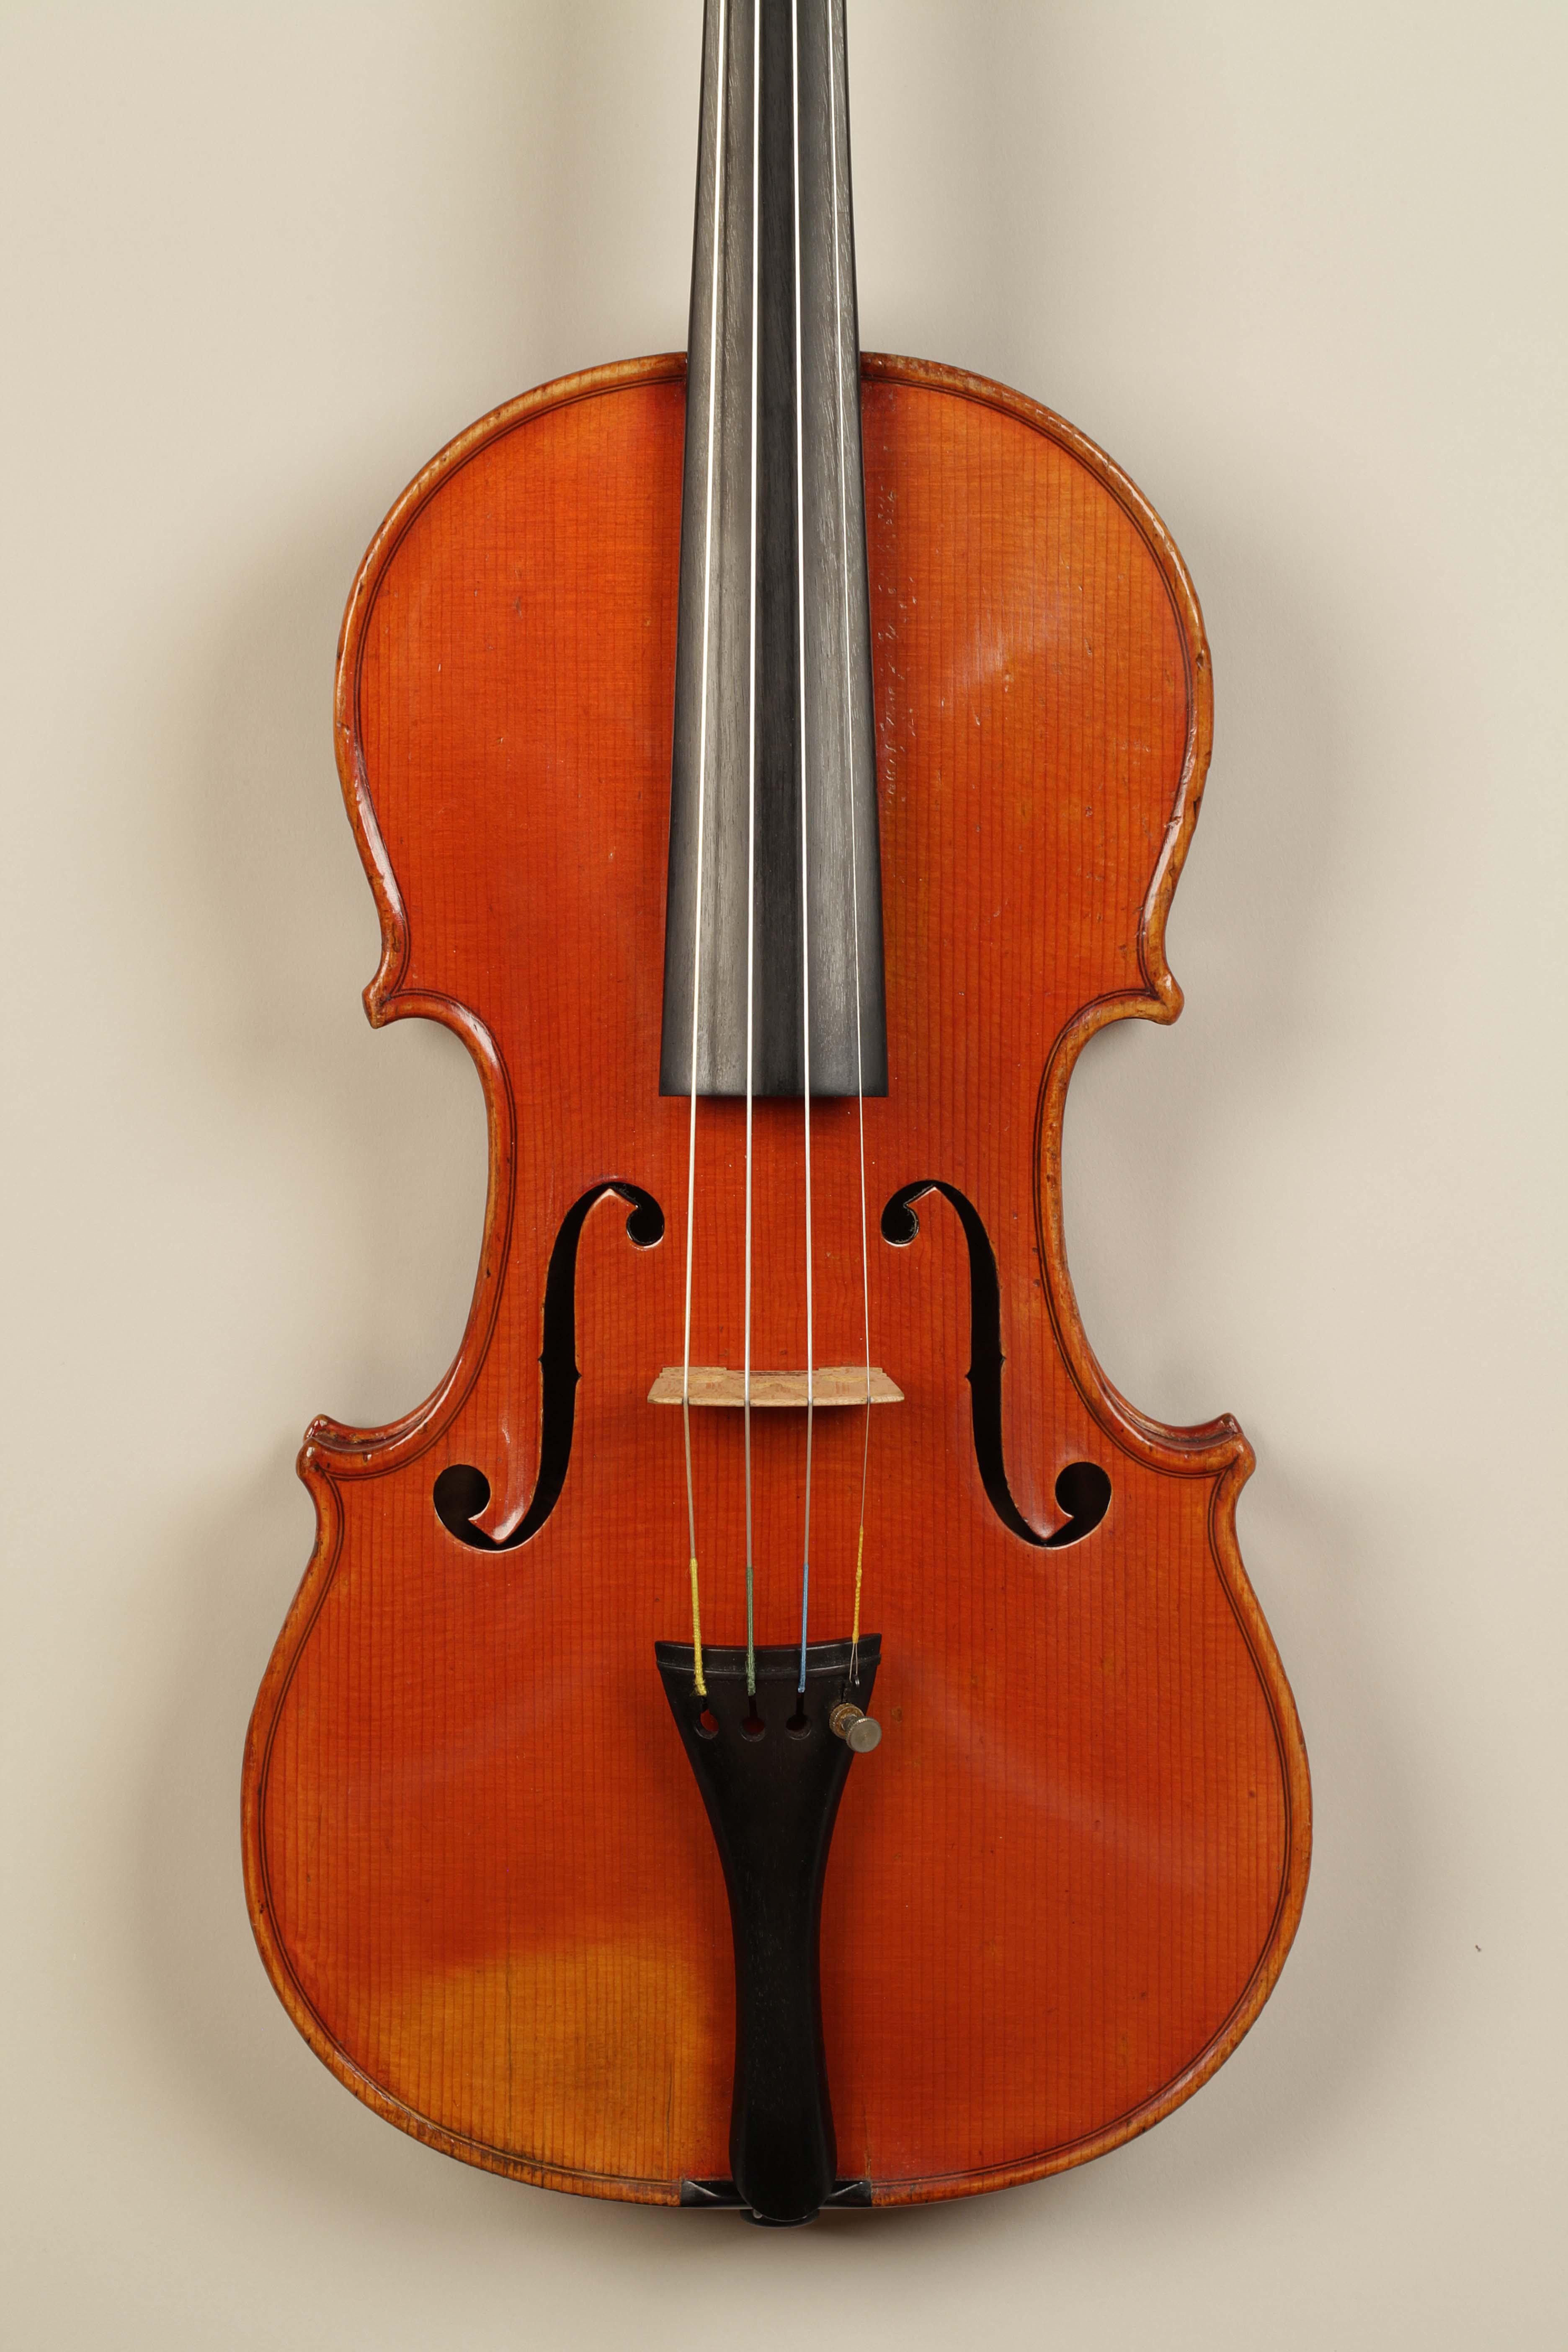 Presentation of Henryk Wieniawski's violin (GAND, Luthier de la Musique du Roi at du Conservatoire de Musique, 1846) at Gala Concert 23.10.2016